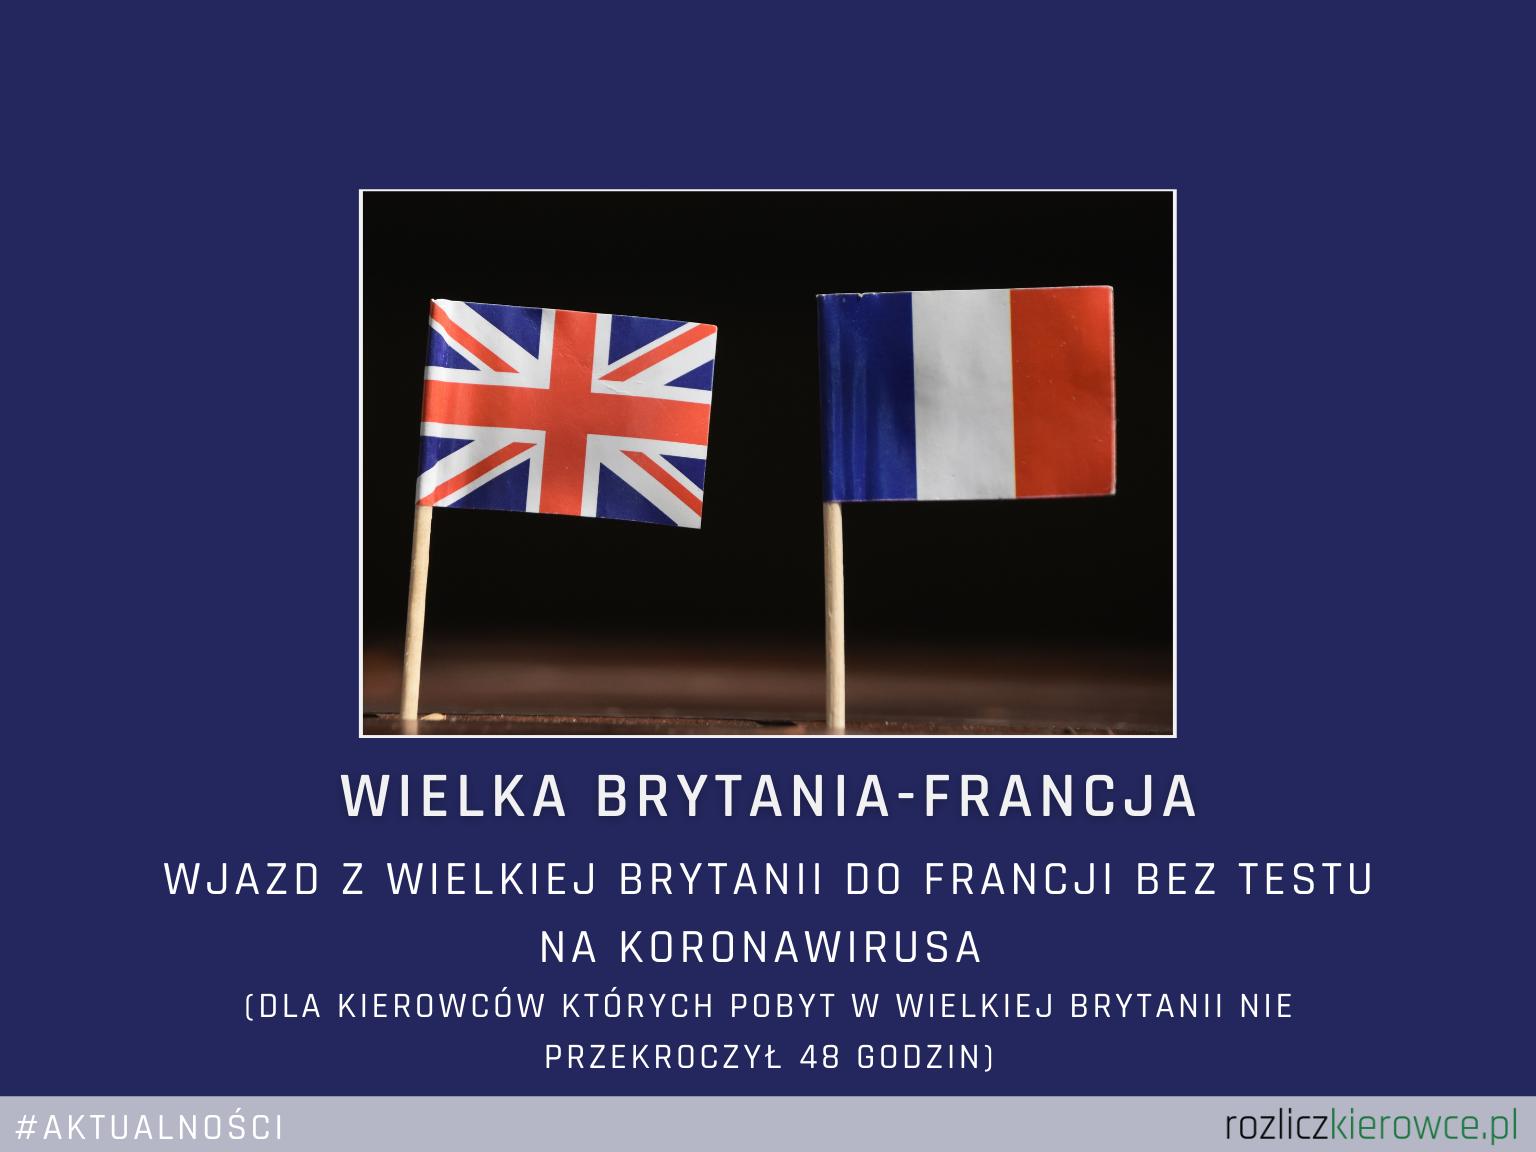 🚛 🇬🇧➡️🇫🇷Wjazd z Wielkiej Brytanii do Francji bez testu na koronawirusa